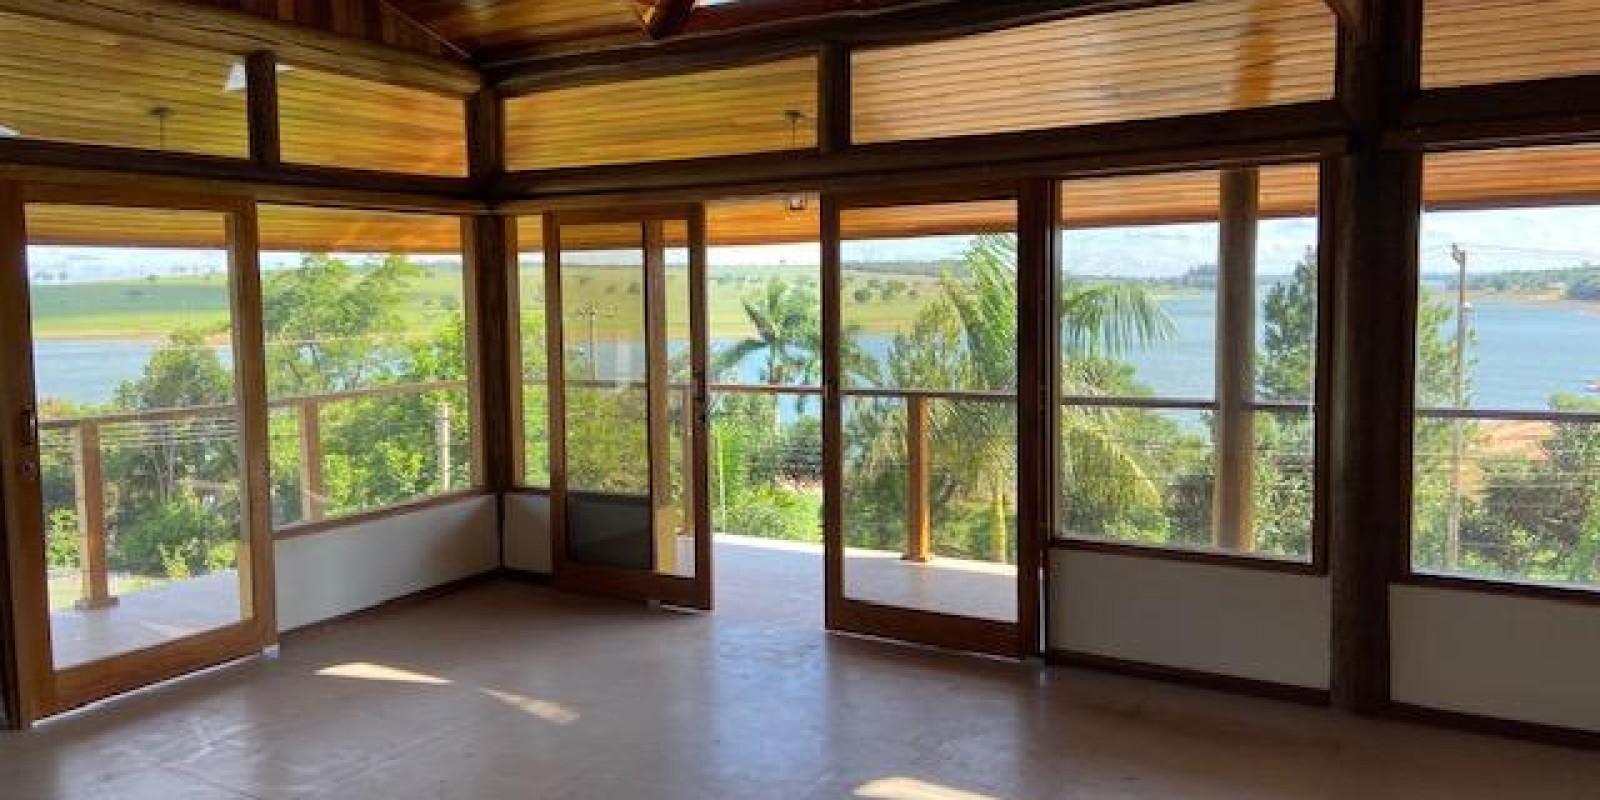 Casa na Represa no Condomínio Estribo em Avaré SP - Foto 9 de 21